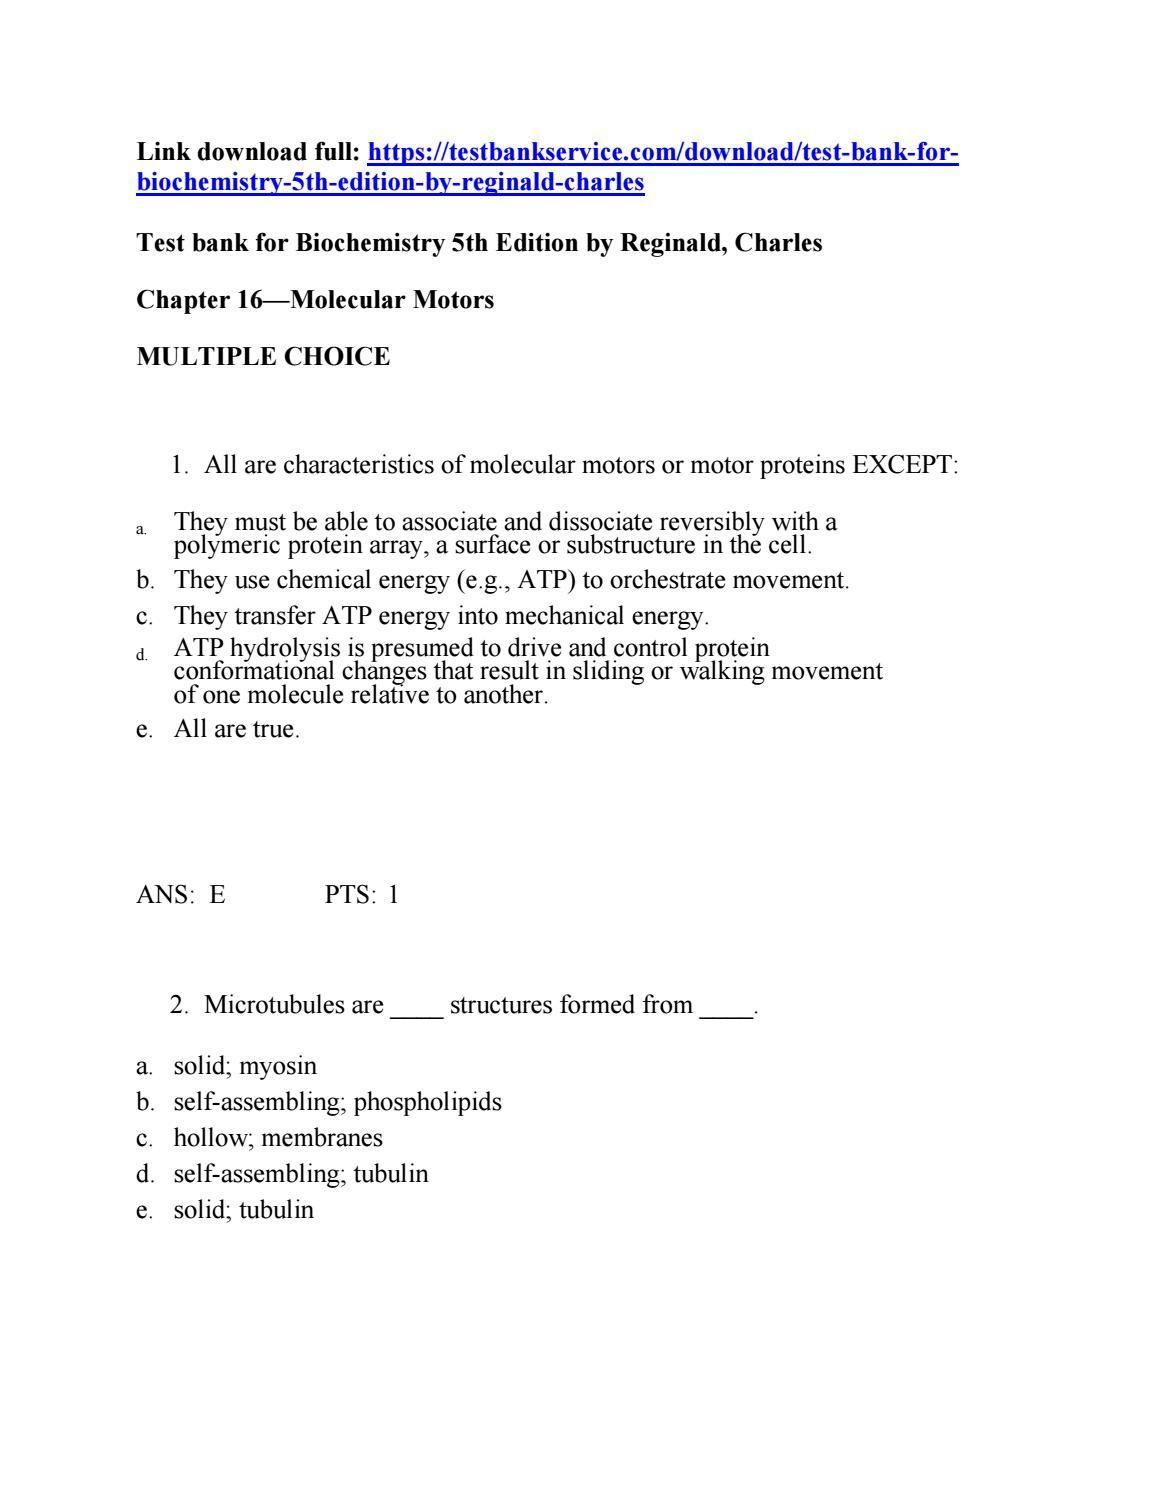 Test bank for biochemistry 5th edition by garrett